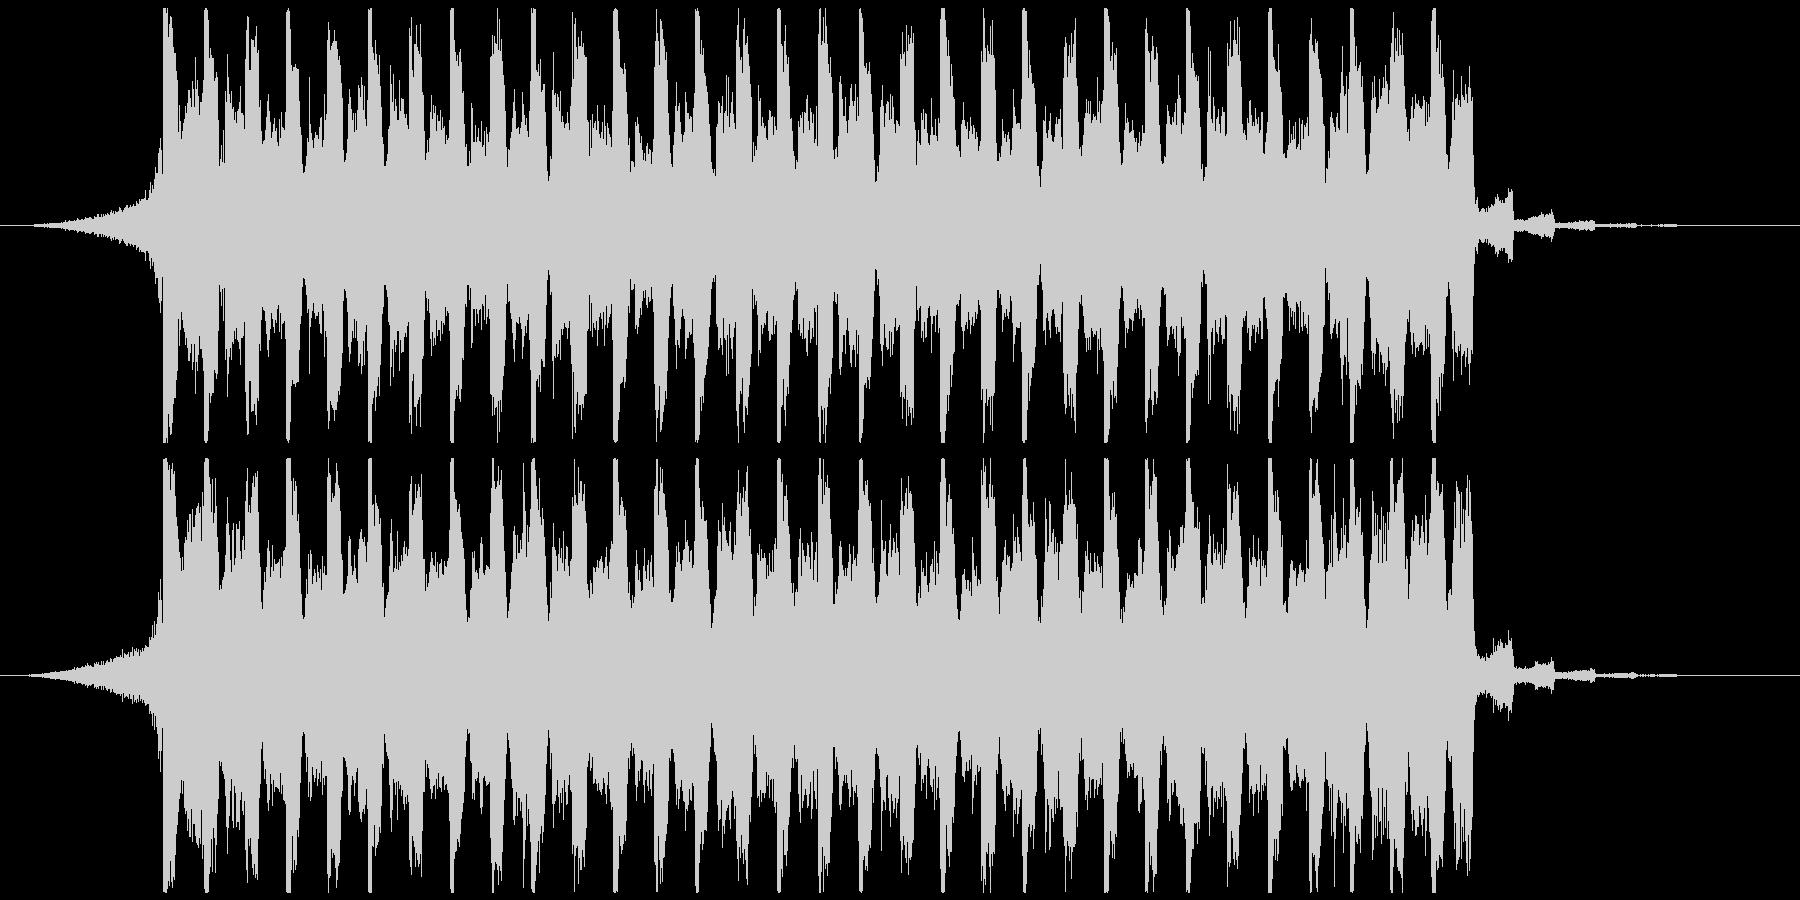 夏らしい洋楽ギターダンスポップShortの未再生の波形